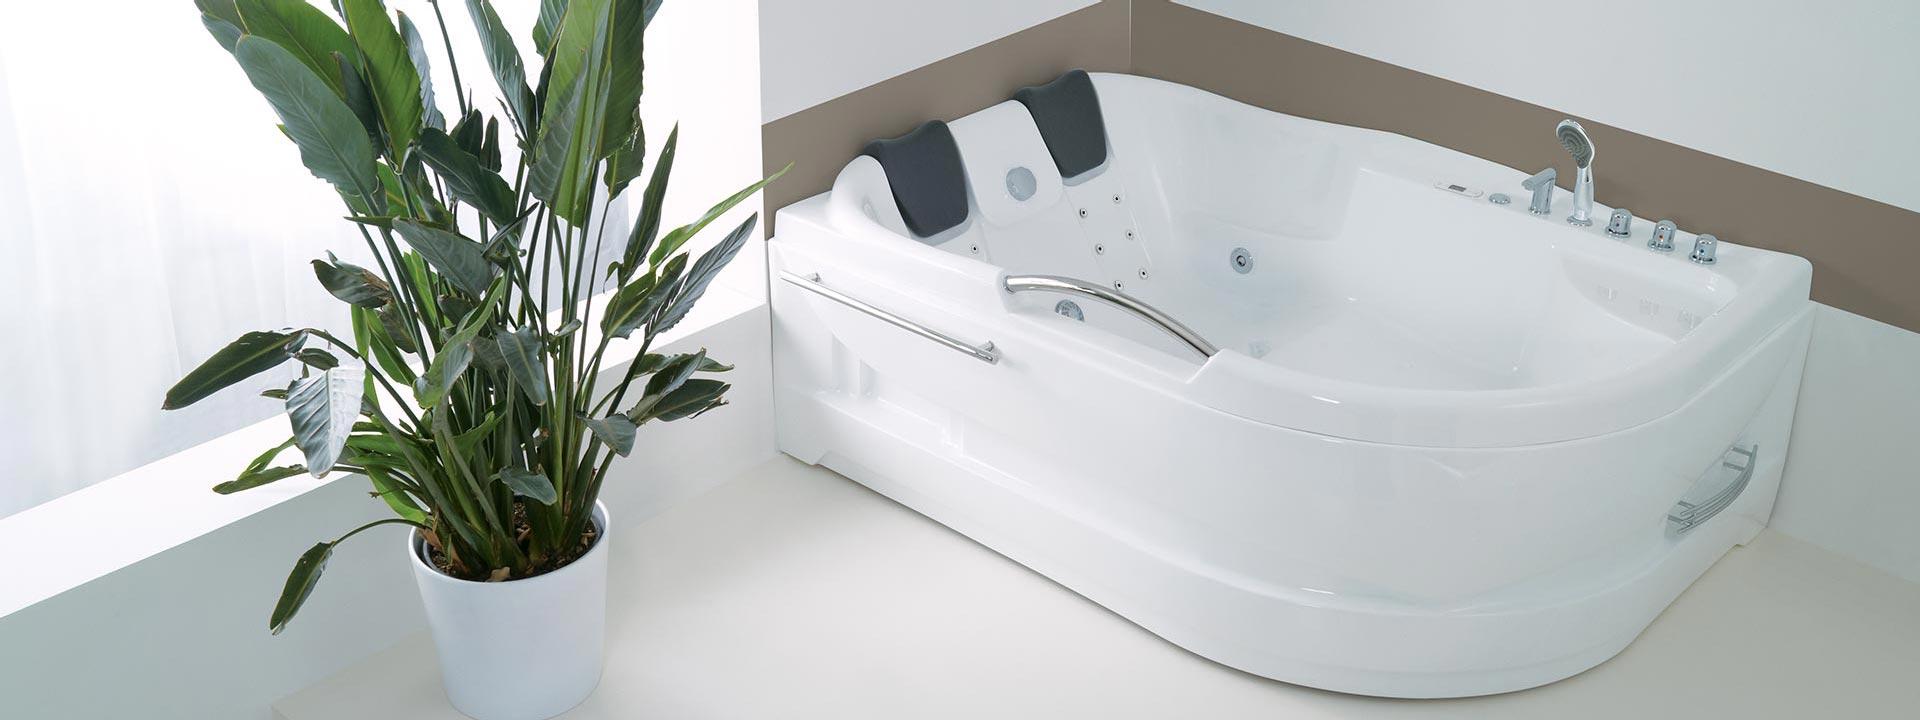 Луксозни вани за баня с воден и въздушен масаж